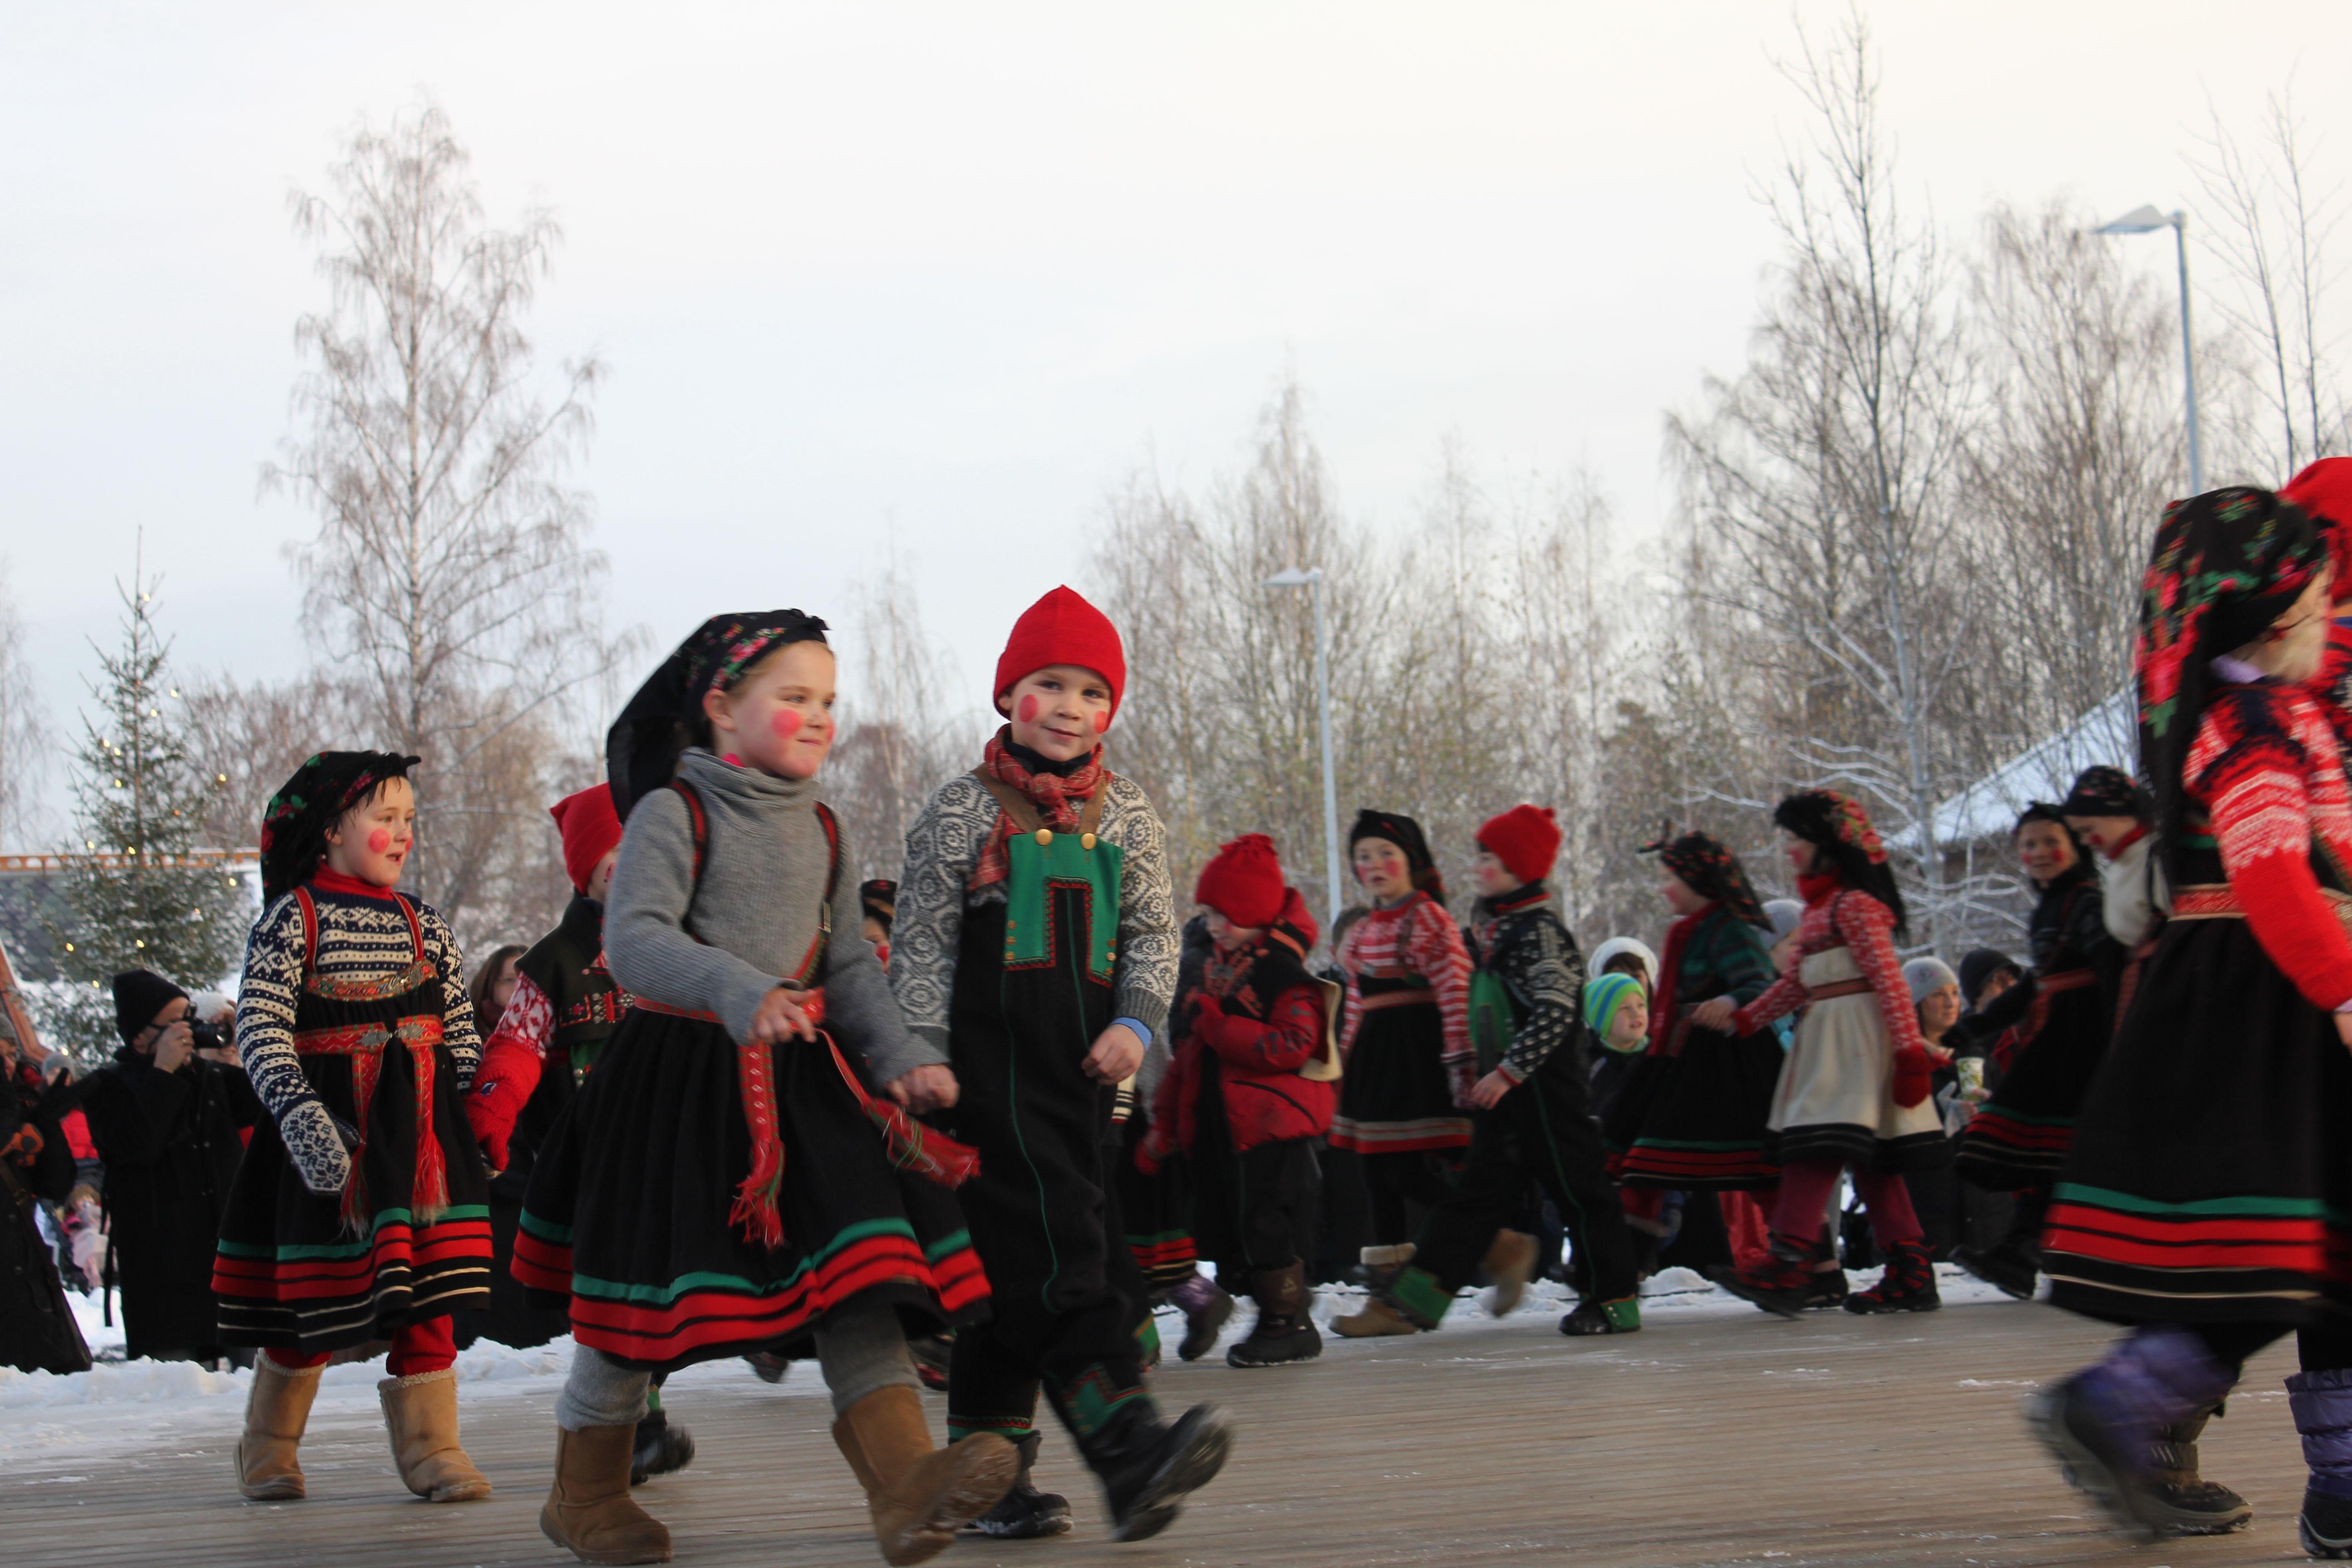 Am ersten Adventssonntag und am 25. Dezember tragen Kinder in Norwegen Wilchtelkostüme. FOTO: Theresa Søreide/Norsk Folkemuseum - Visitnorway.com